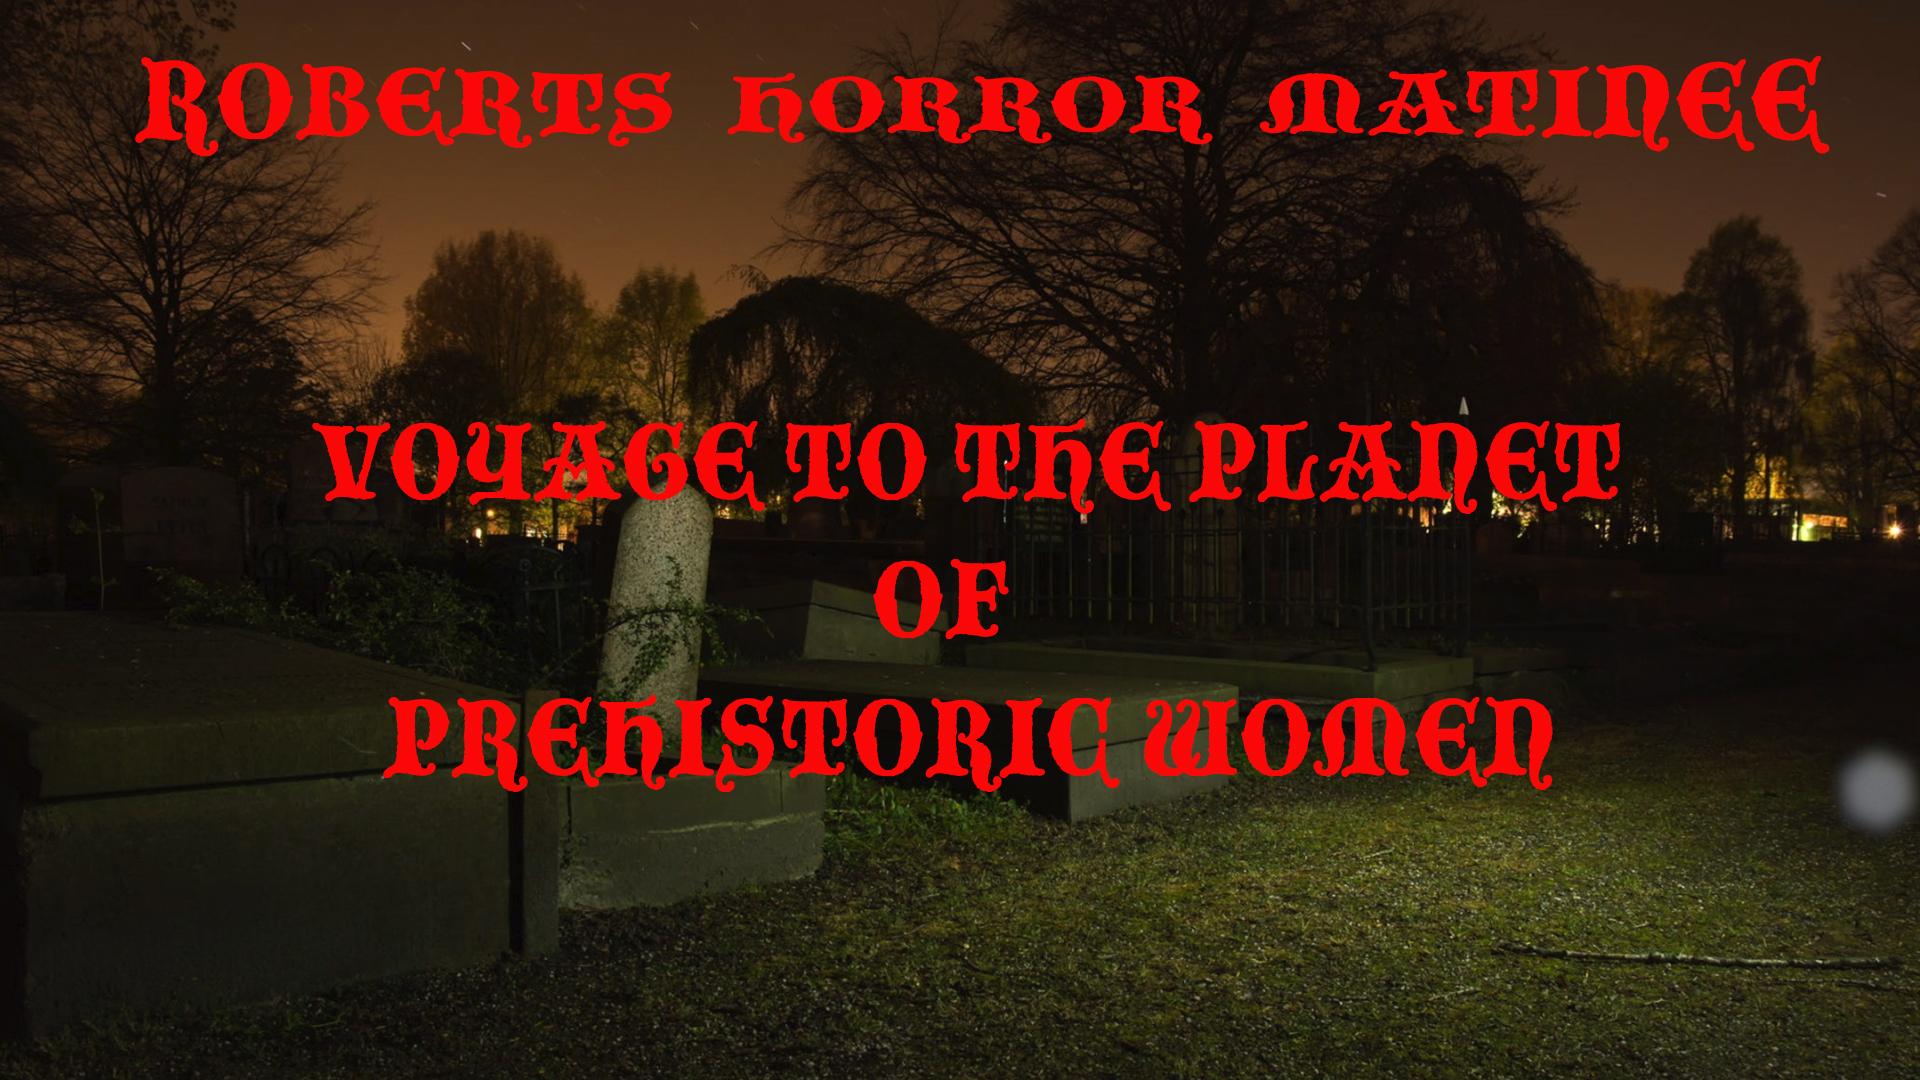 Roberts Horror Matinee